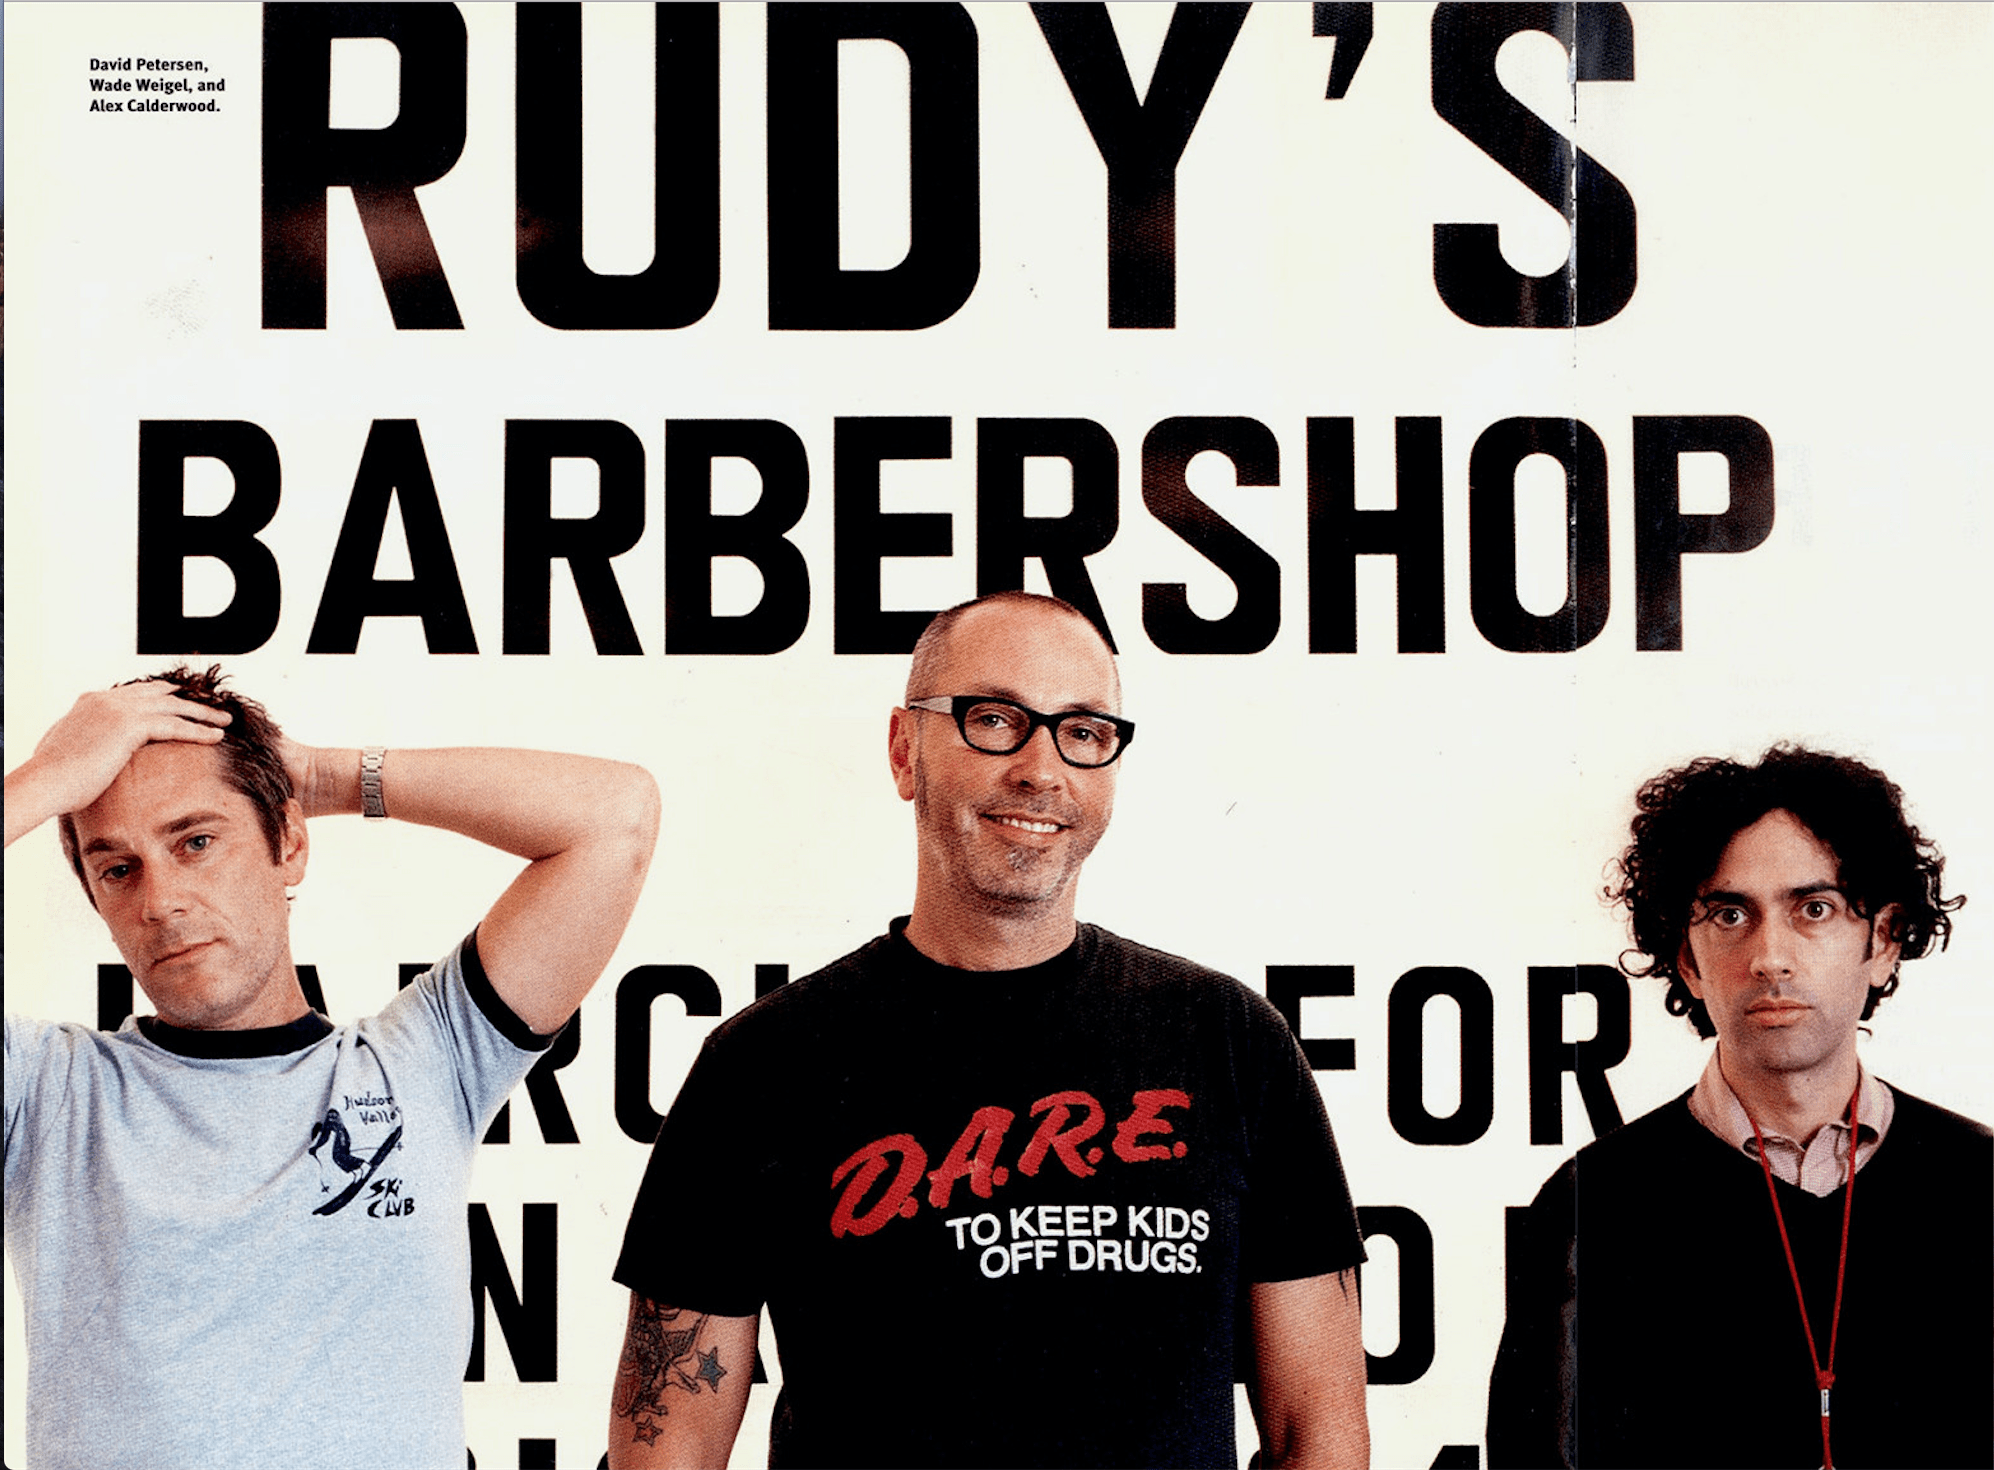 Rudy's Barbershop Founders